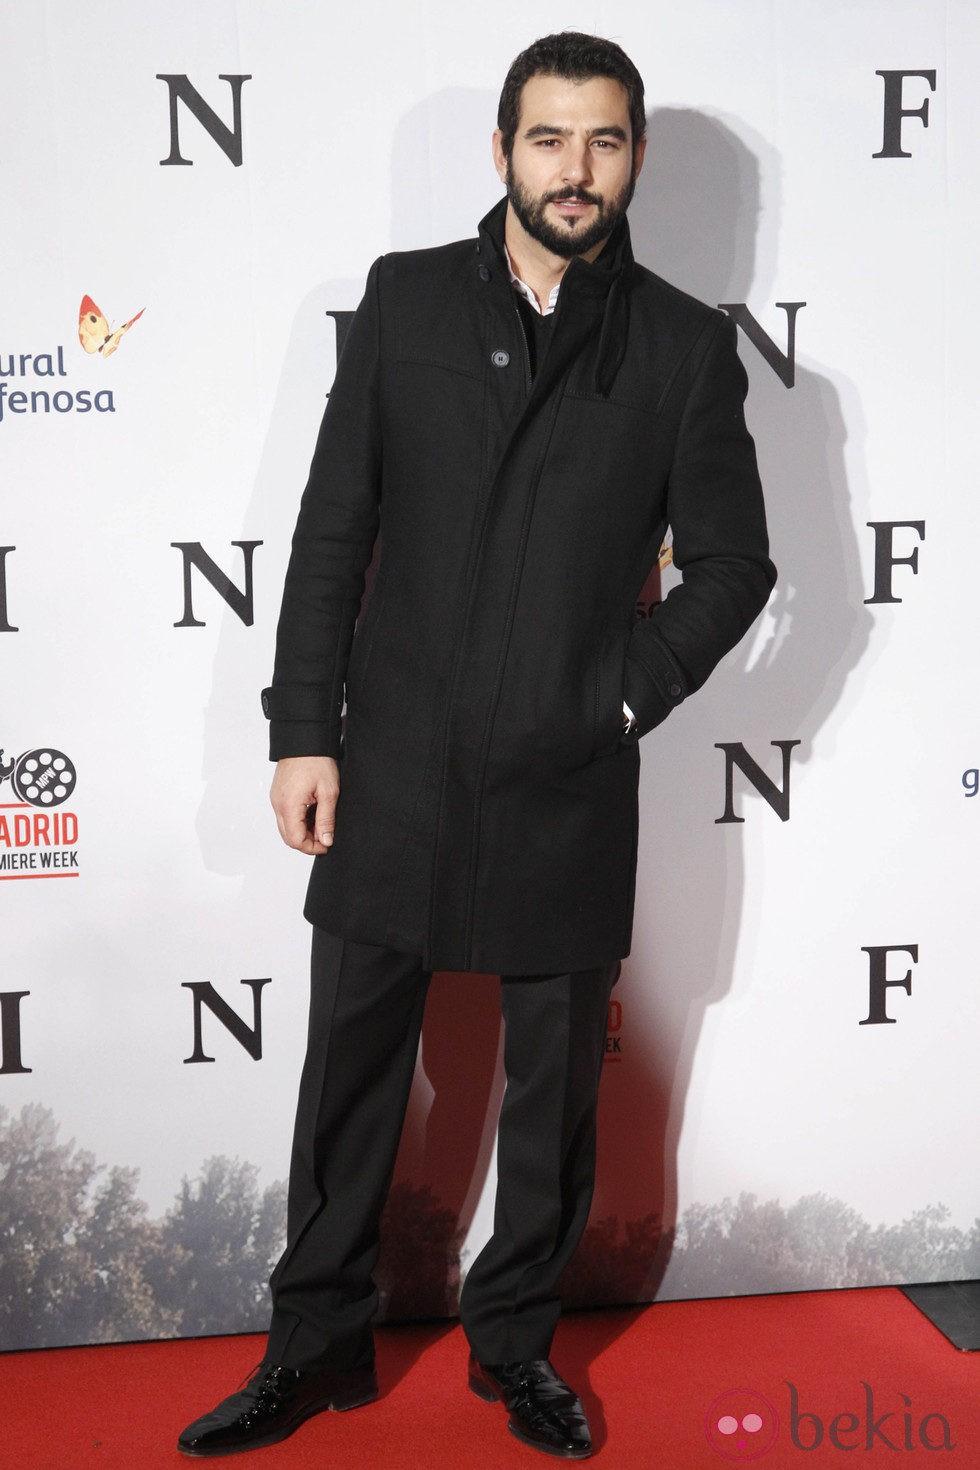 Antonio Velázquez en el estreno de 'Fin' en Madrid